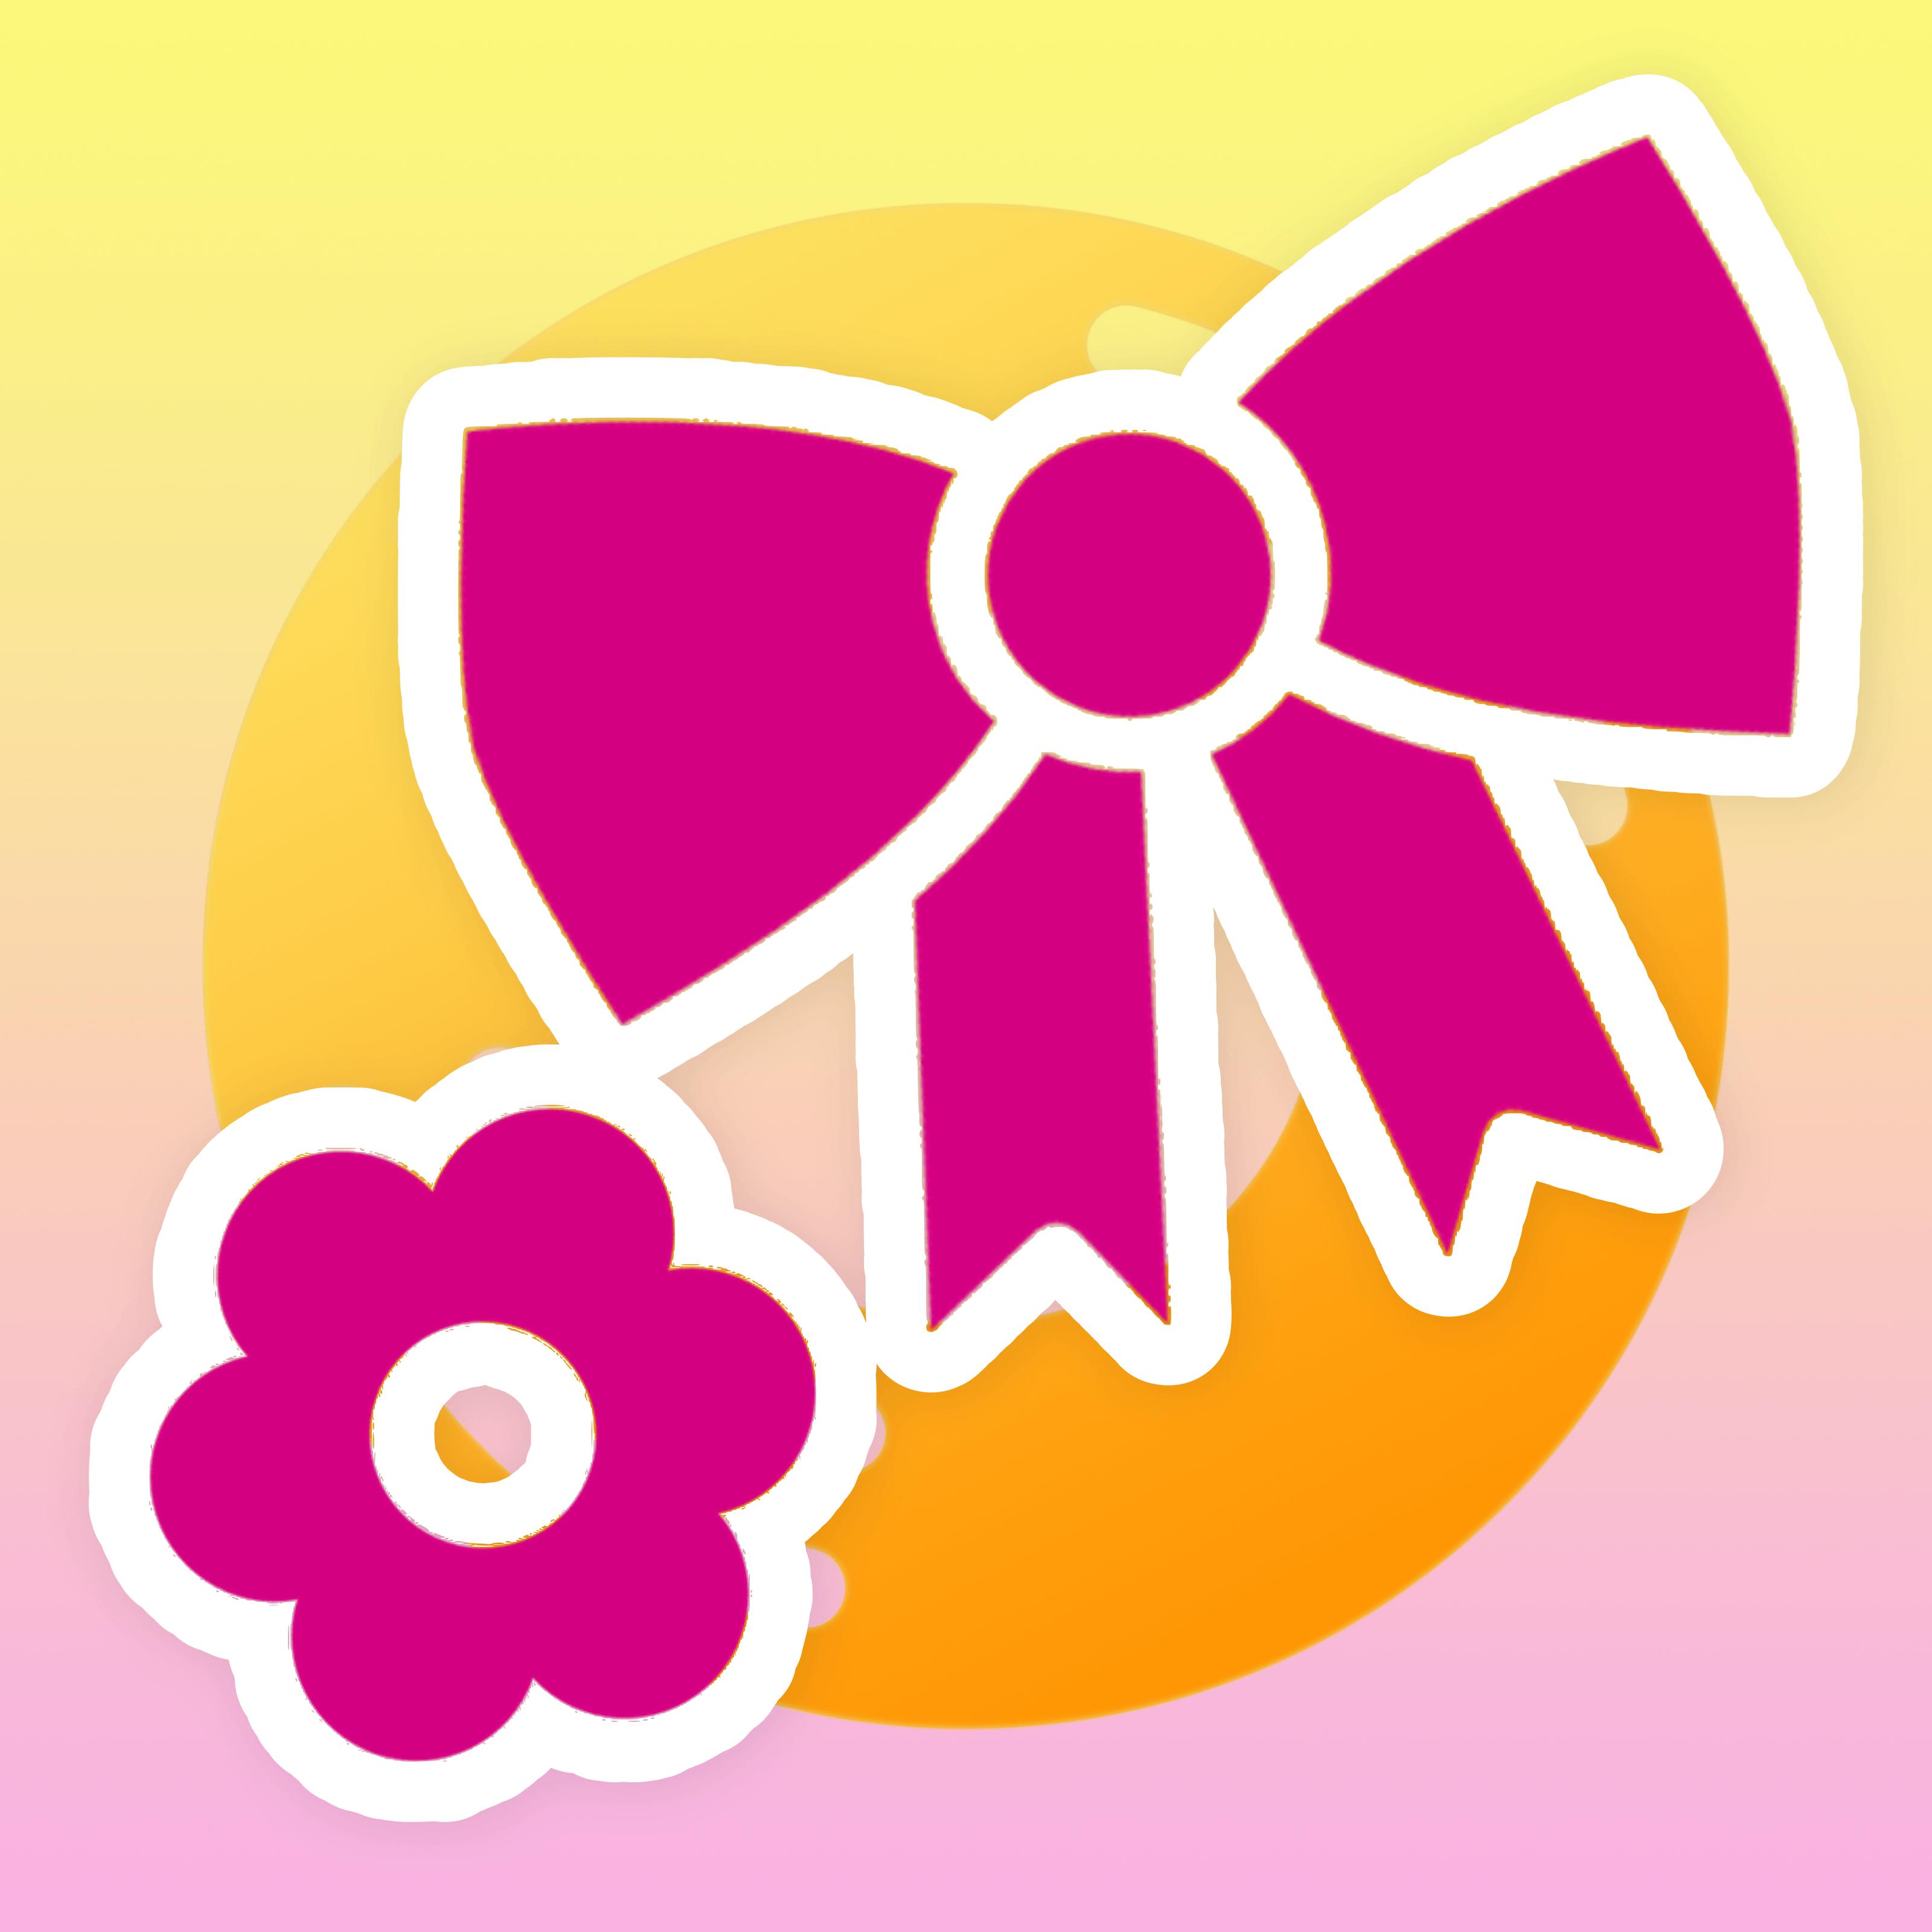 N1corsyzw avatar